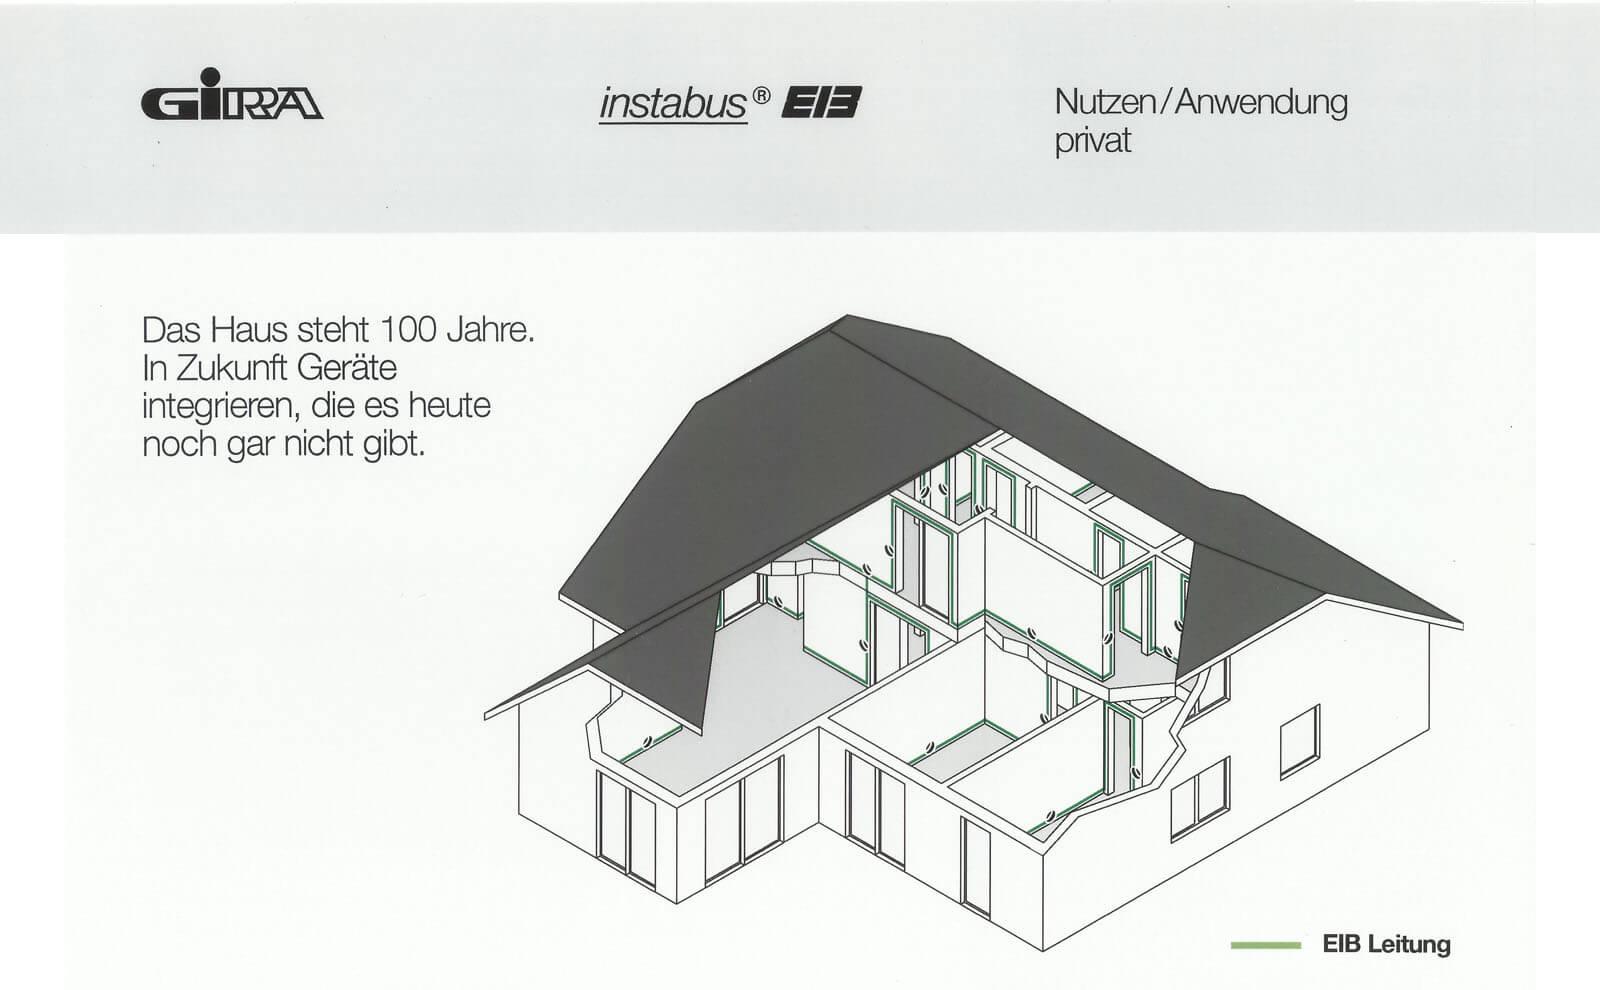 Gira Instabus EIB Prospekt Abbildung